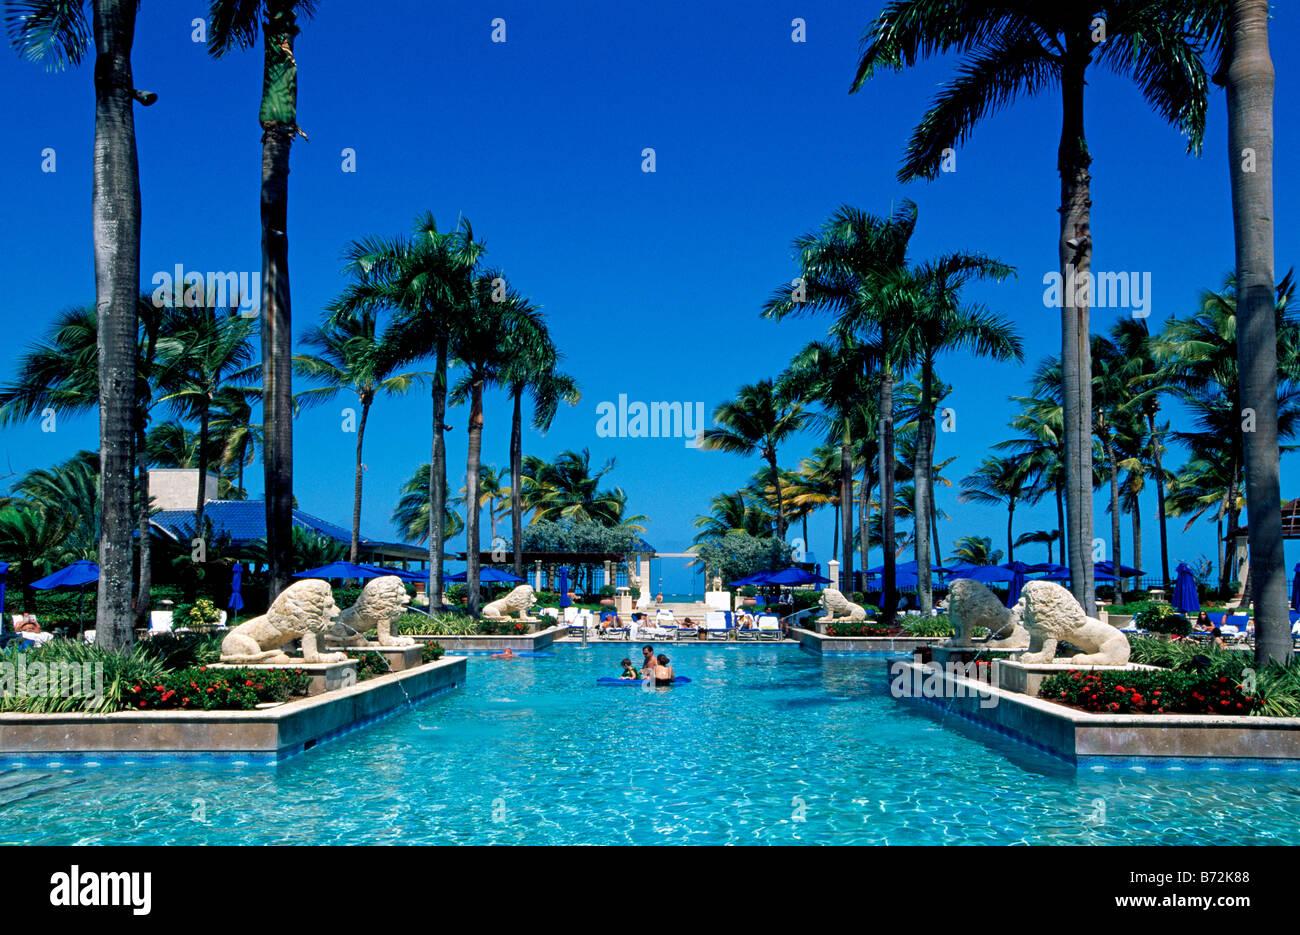 Hotels Near The Ritz Carlton Puerto Rico